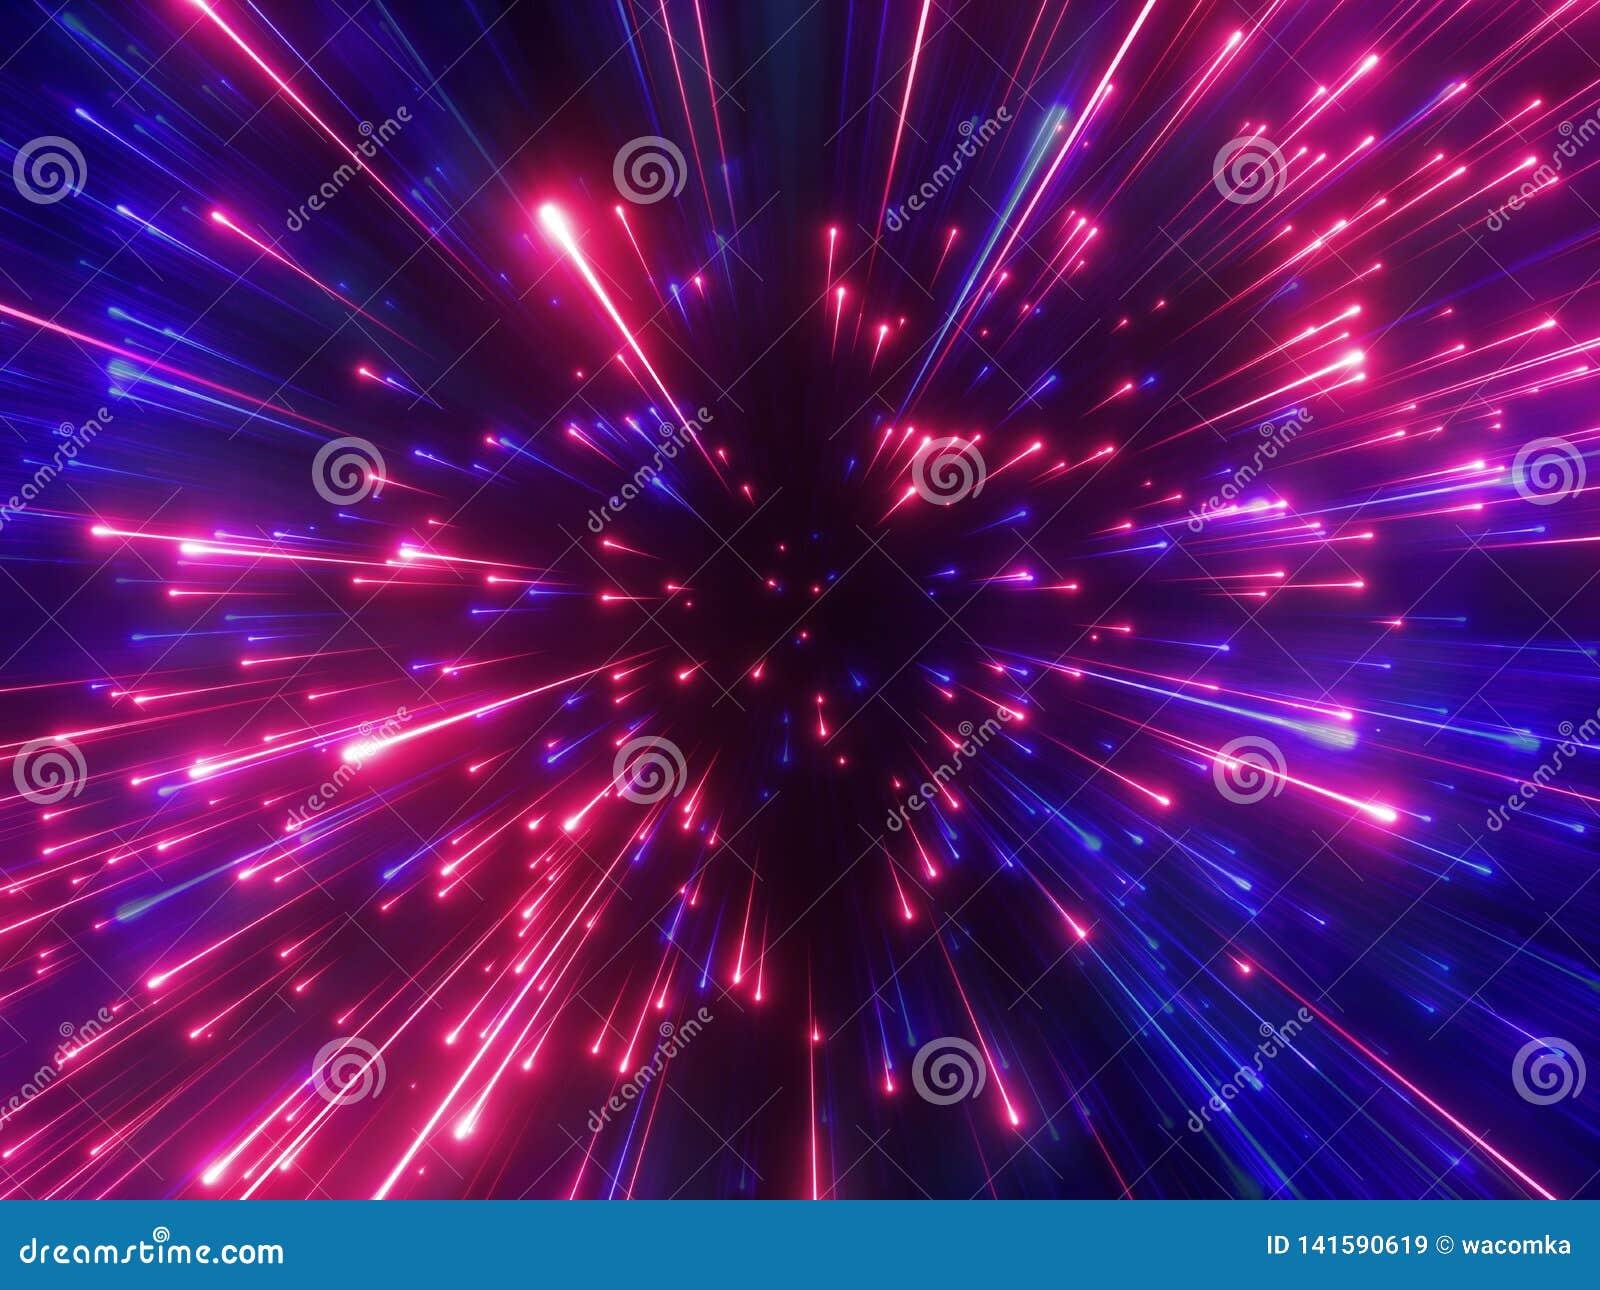 τρισδιάστατος δώστε, κόκκινα μπλε πυροτεχνήματα, μεγάλο κτύπημα, γαλαξίας, αφαιρεί το κοσμικό υπόβαθρο, ουράνιο, ομορφιά του κόσμ